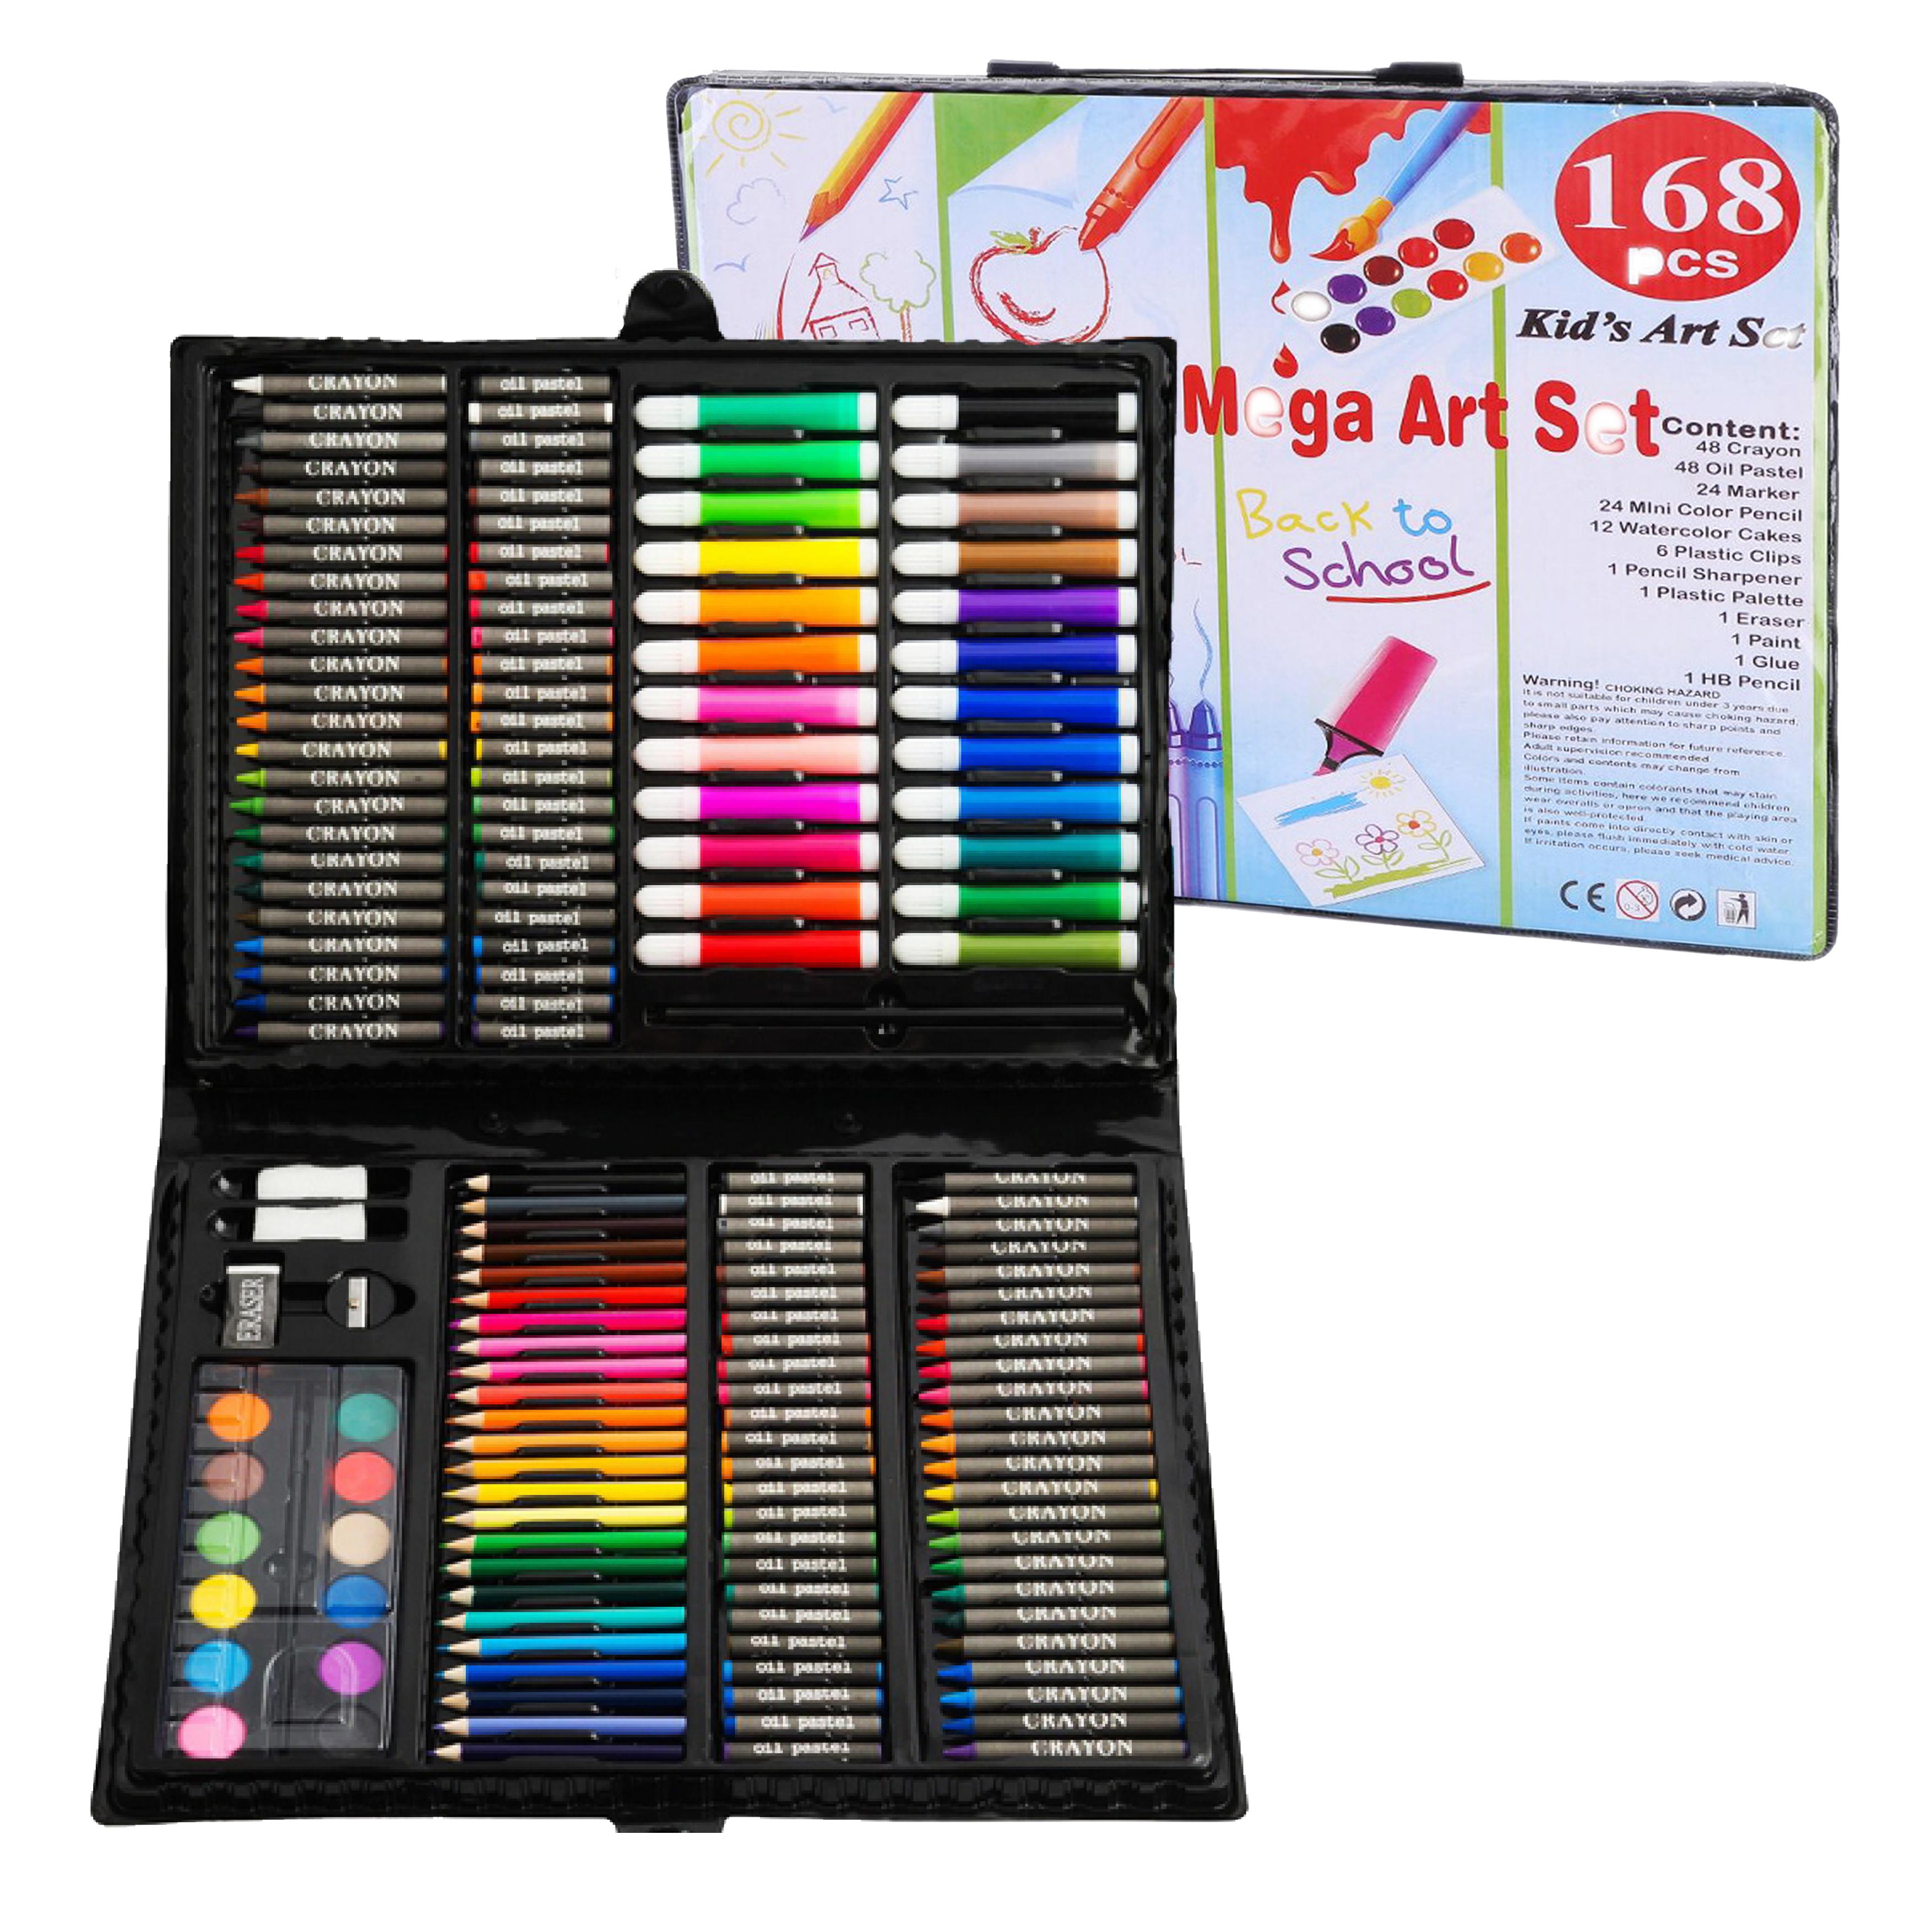 Set de 168 creioane colorate, carioci, creioane cerate si culori acuarela pentru desen